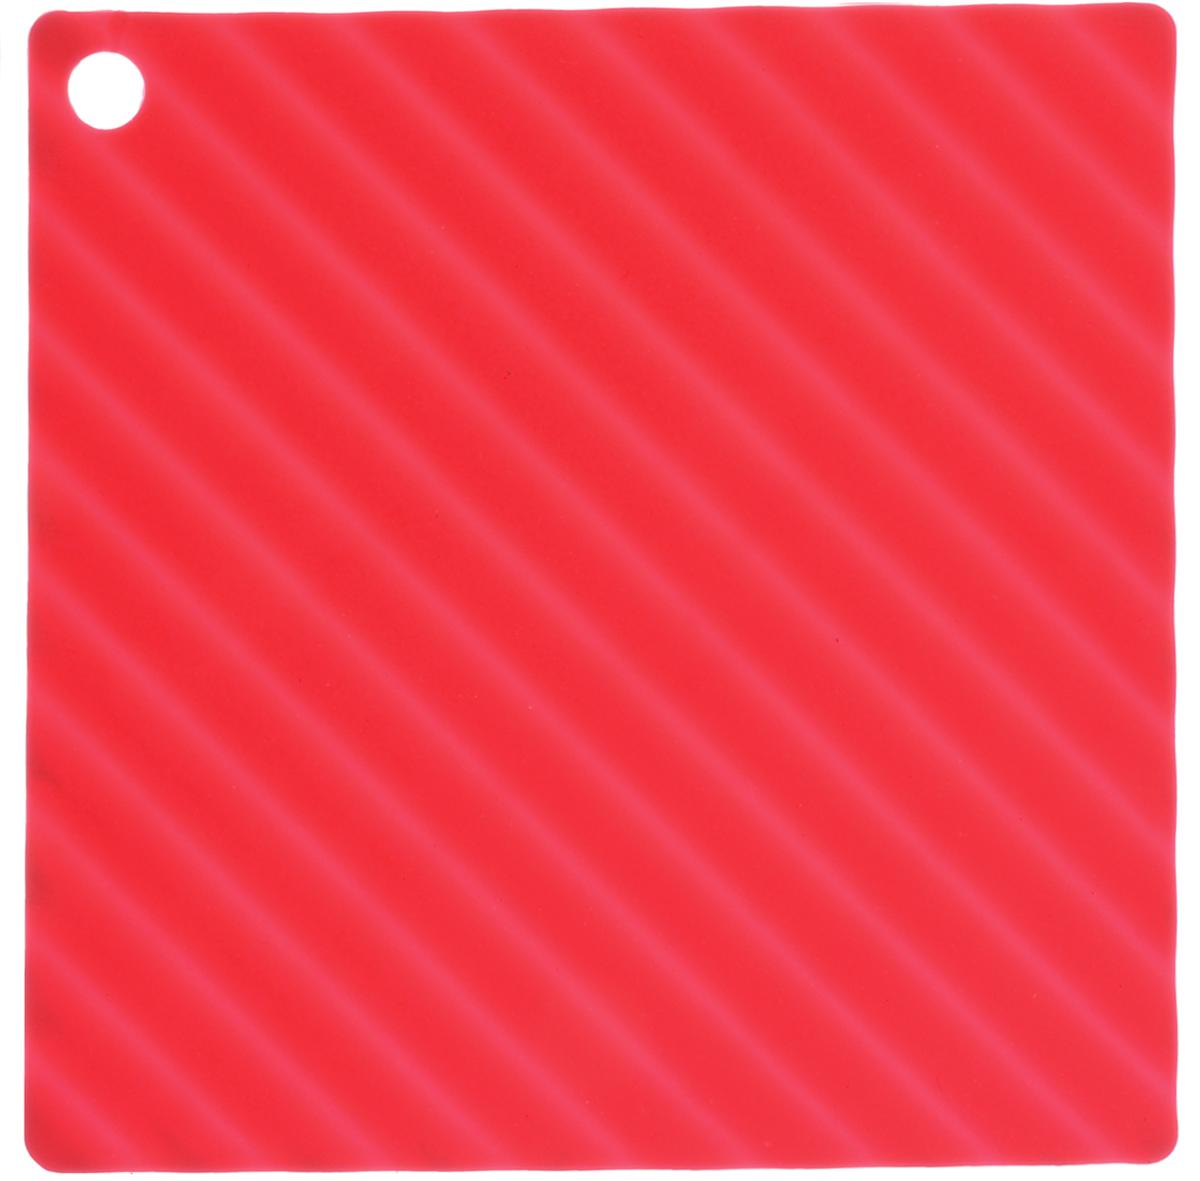 Подставка под горячее Marmiton, цвет: розовый, 14,5 см х 14,5 см11055Подставка под горячее Marmiton изготовлена из силикона, что позволяет ей выдерживать высокие температуры и не царапать поверхность стола. Материал устойчив к фруктовым кислотам, к воздействию низких и высоких температур. Не взаимодействует с продуктами питания и не впитывает их запахи как при нагревании, так и при заморозке. Использовать при температуре от - 40°C до +240°C. Изделие можно мыть и сушить в посудомоечной машине. Такая подставка придется по вкусу человеку, ценящему практичные и оригинальные вещицы.